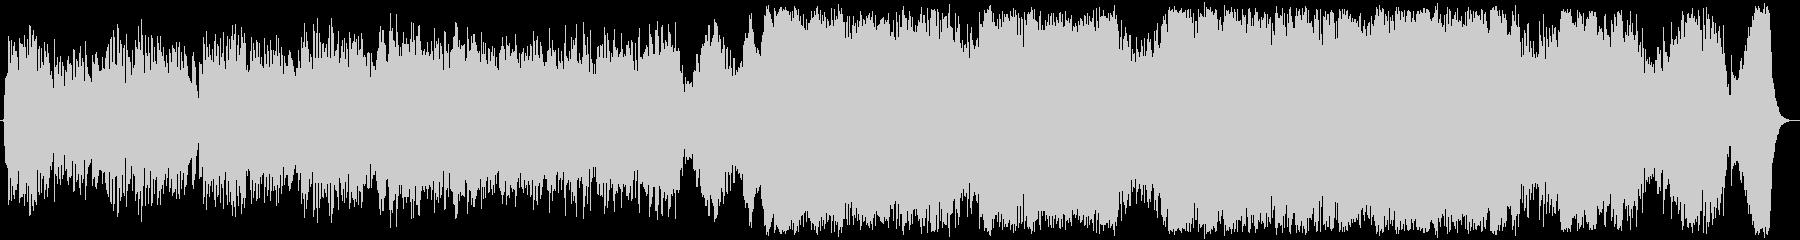 ピアノ協奏曲風の壮大なバラードの未再生の波形